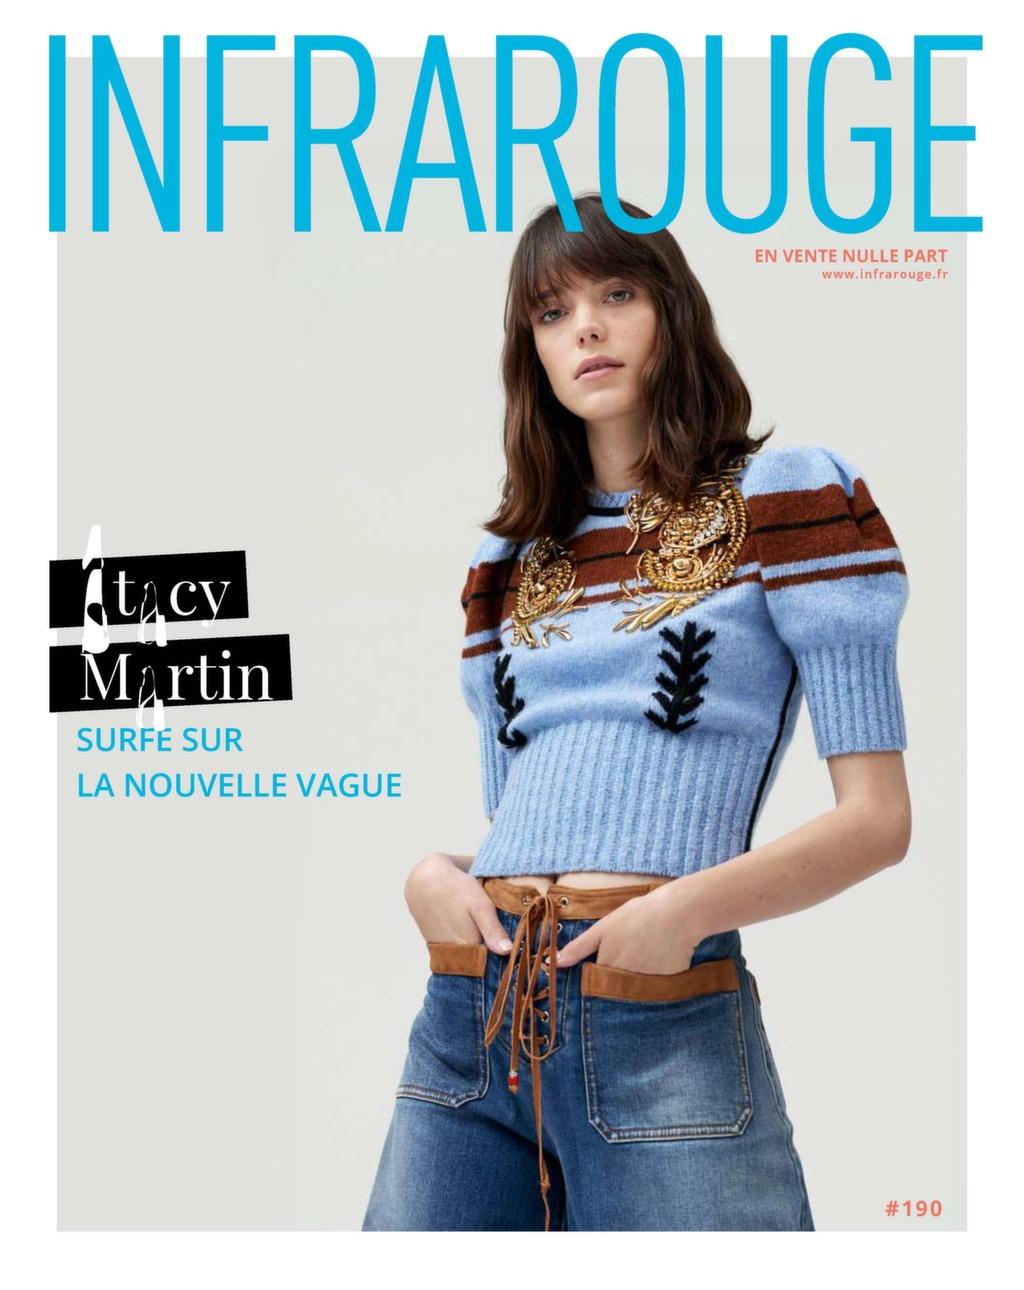 Couverture de magazine du mois de Juillet-Août 2017